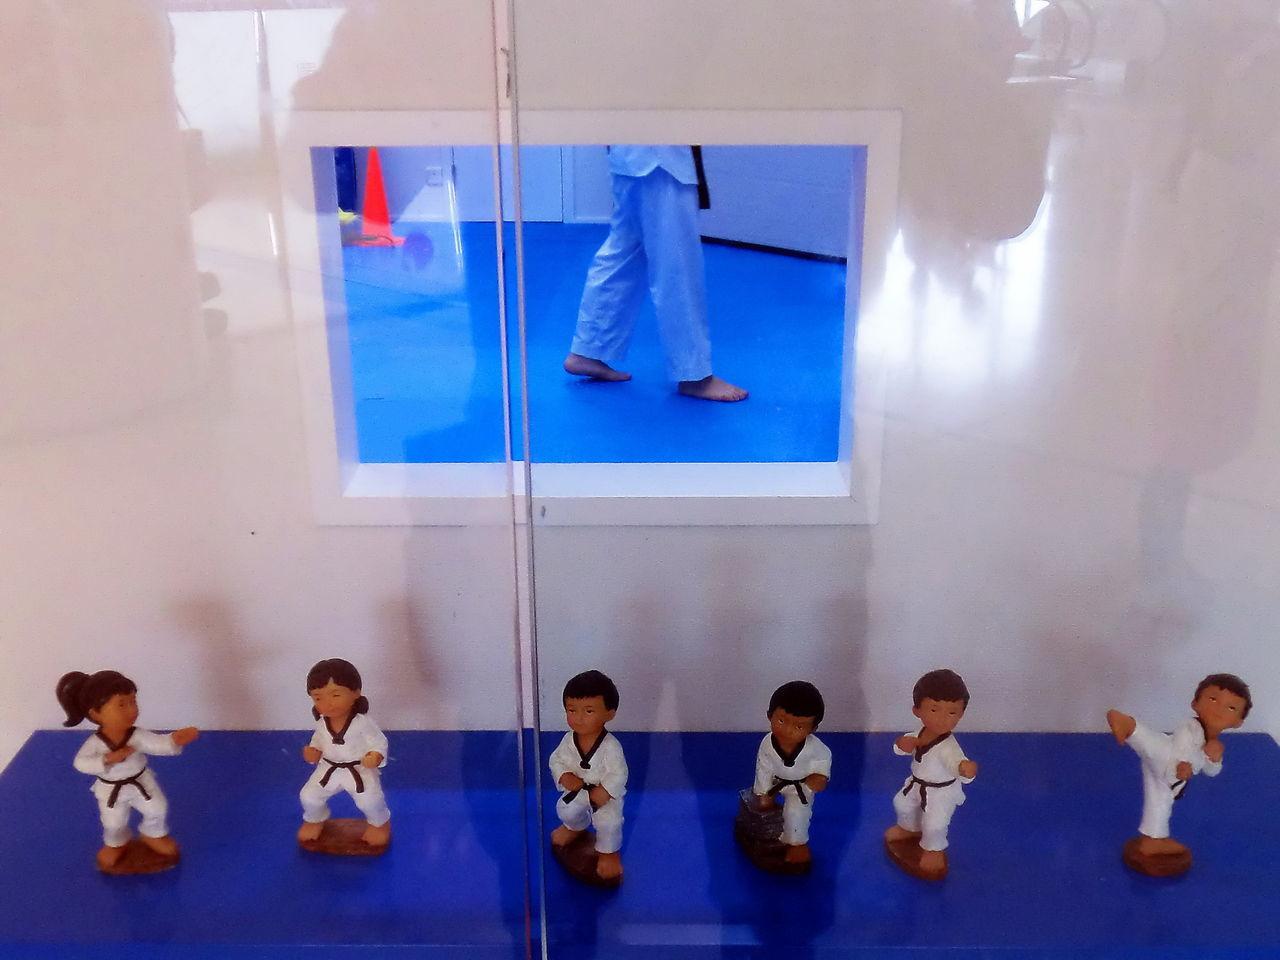 TaeKwondo school in HK Figurines  Healthy Activity Martial Art School Martial Arts Children Taekwondo